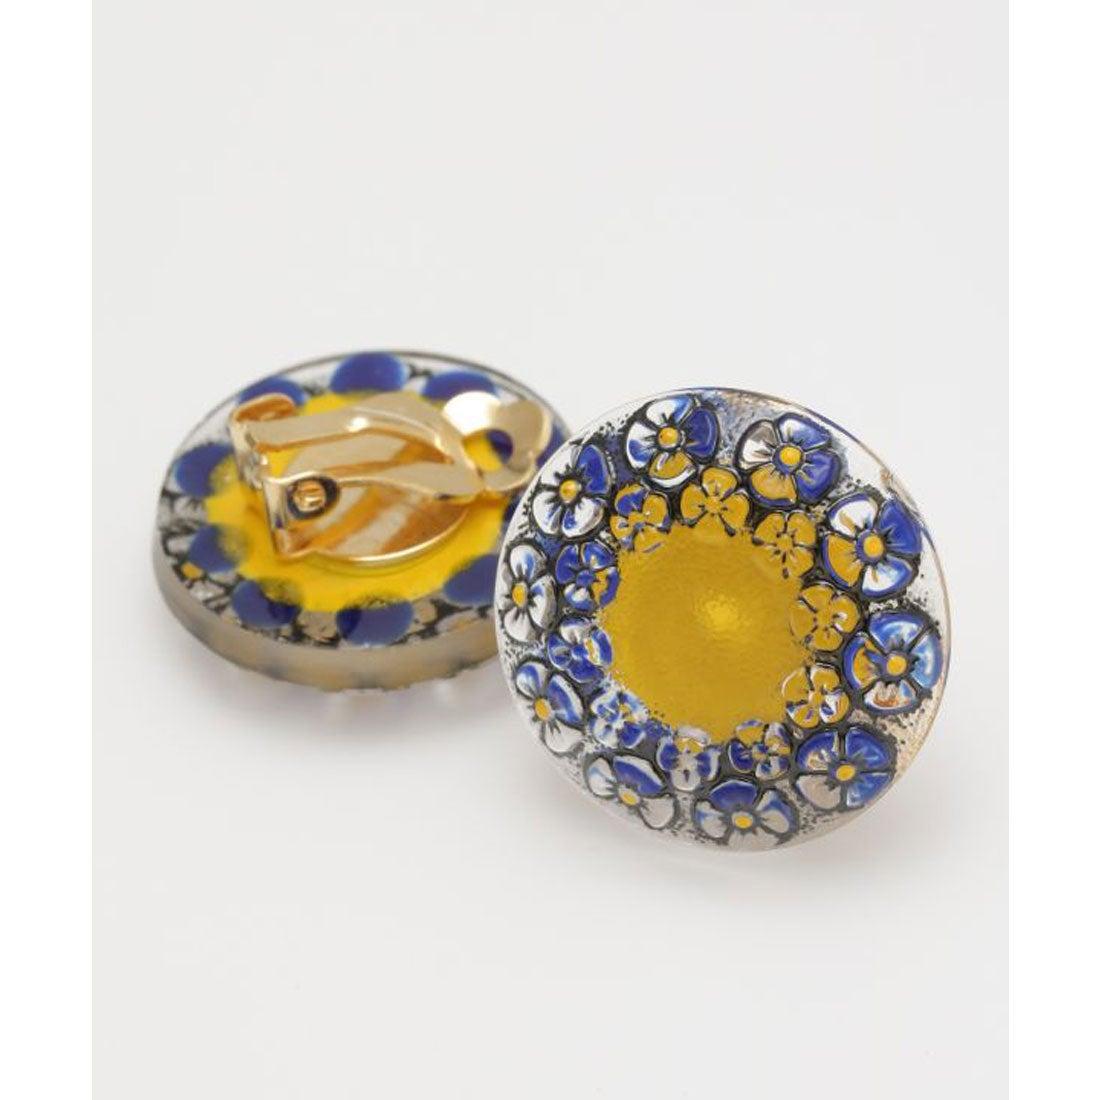 【欧州航路】チェコガラスボタンイヤリング ブルー